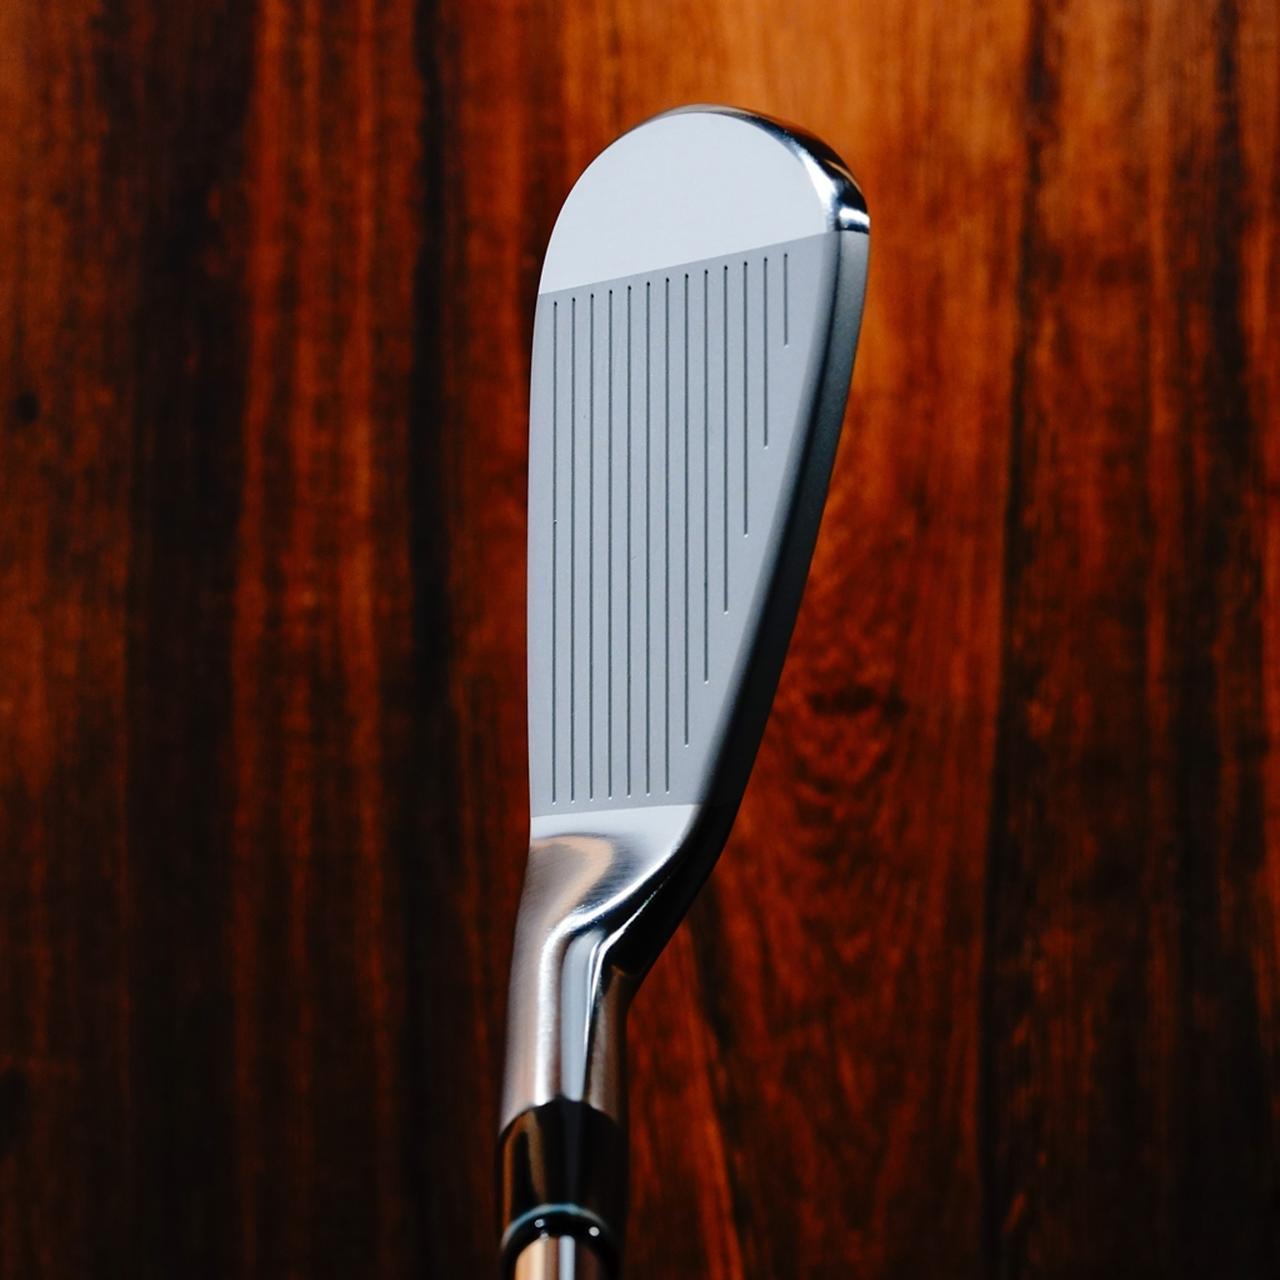 画像: アスリートゴルファーが好むストレートネックのアイアンで、弾道のイメージが出しやすいクラブだ